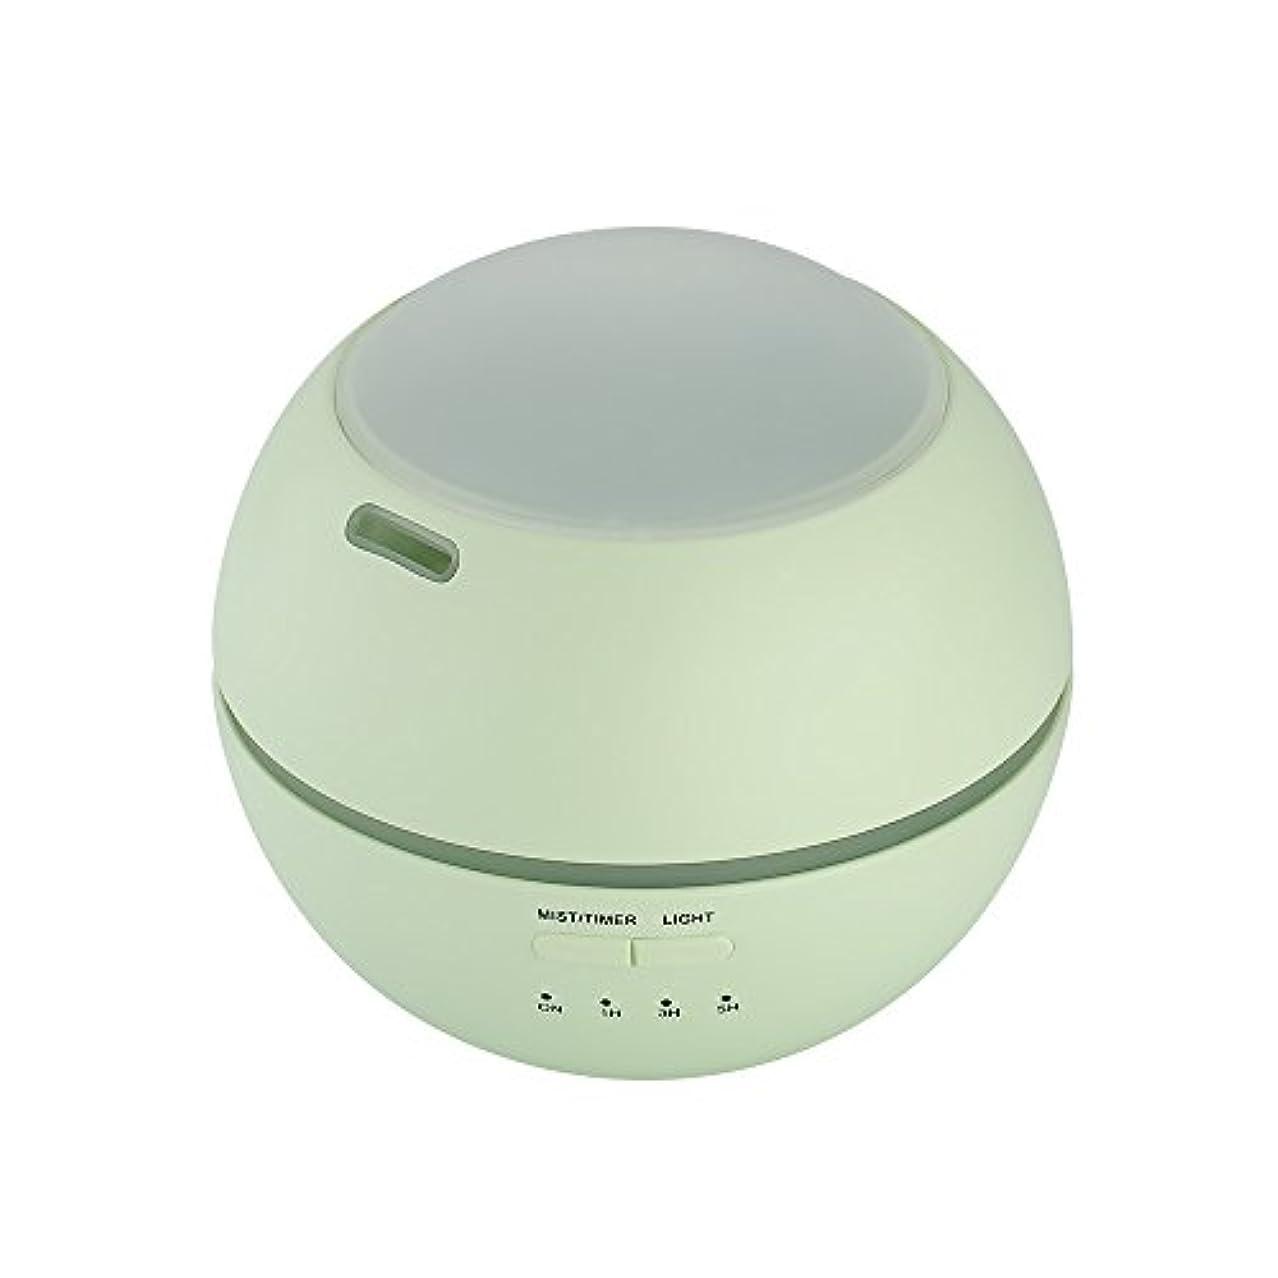 アクティビティスリップシューズ毒液超音波式 アロマディフューザー 卓上 加湿器 8色LEDライト変換 超静音 ミス調整可能 時間設定タイマー機能付き 空焚き防止機能搭載 アロマ加湿器 150mL by smartlife (グリーン)